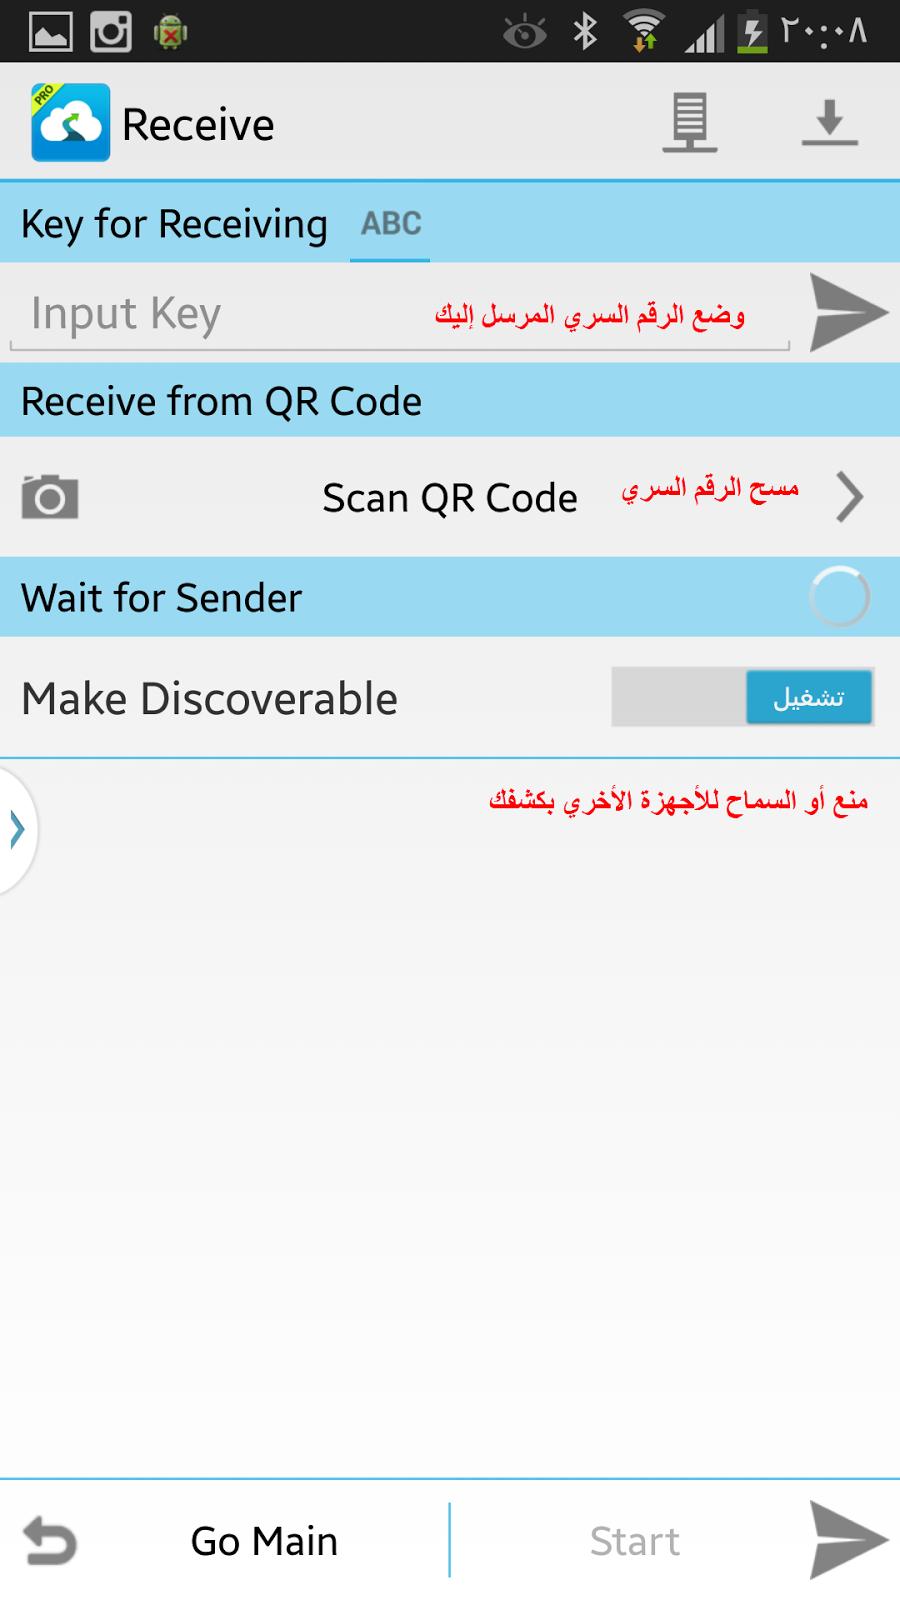 شرح تطبيق Send AnyWhere من اقوي تطبيقات مشاركة الملفات والصور   بحرية درويد